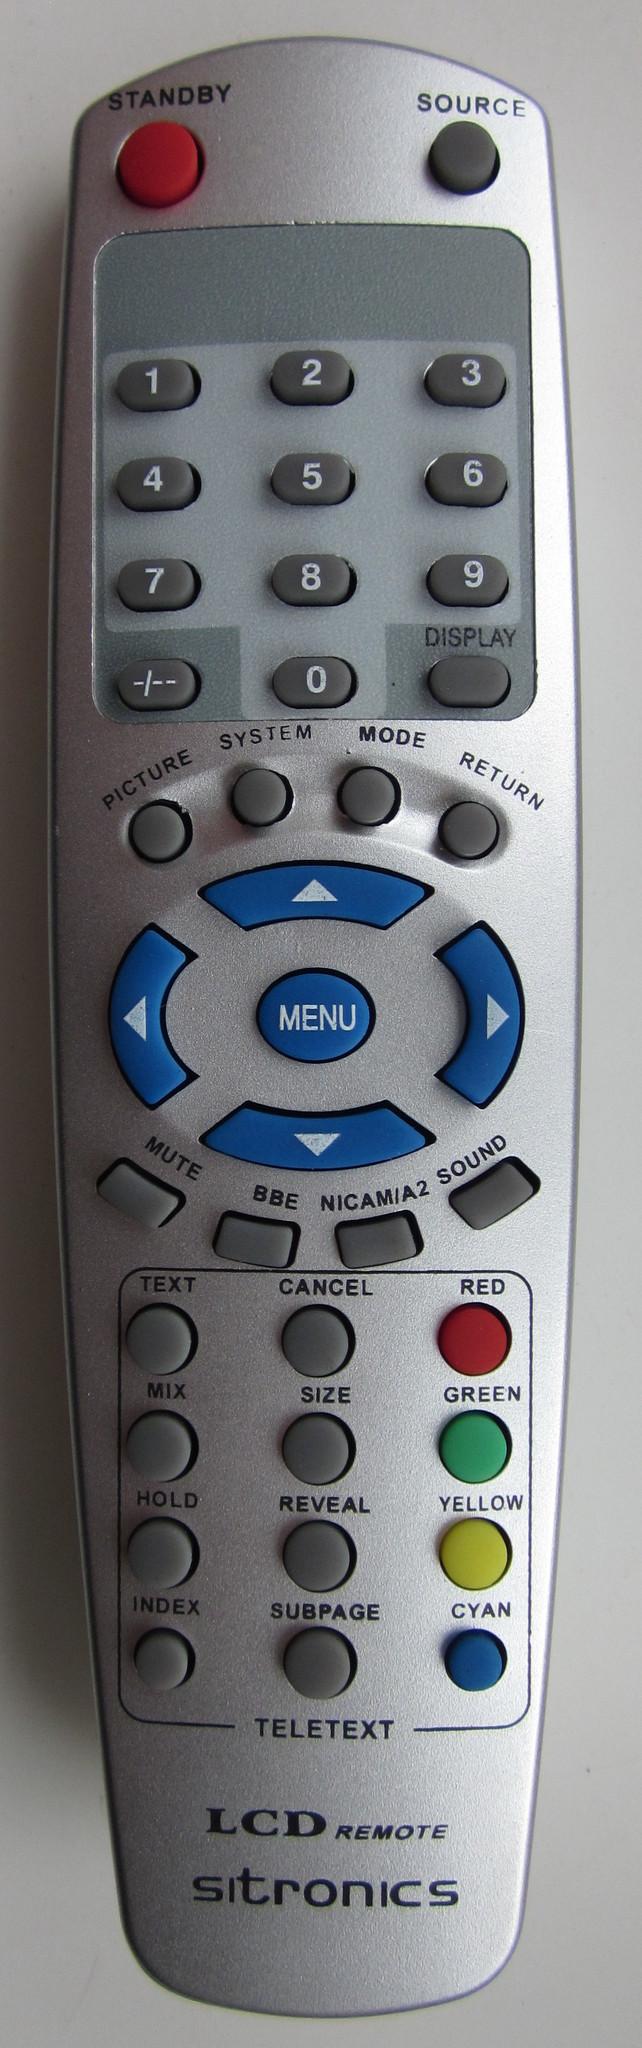 SITRONICS LCD-1502